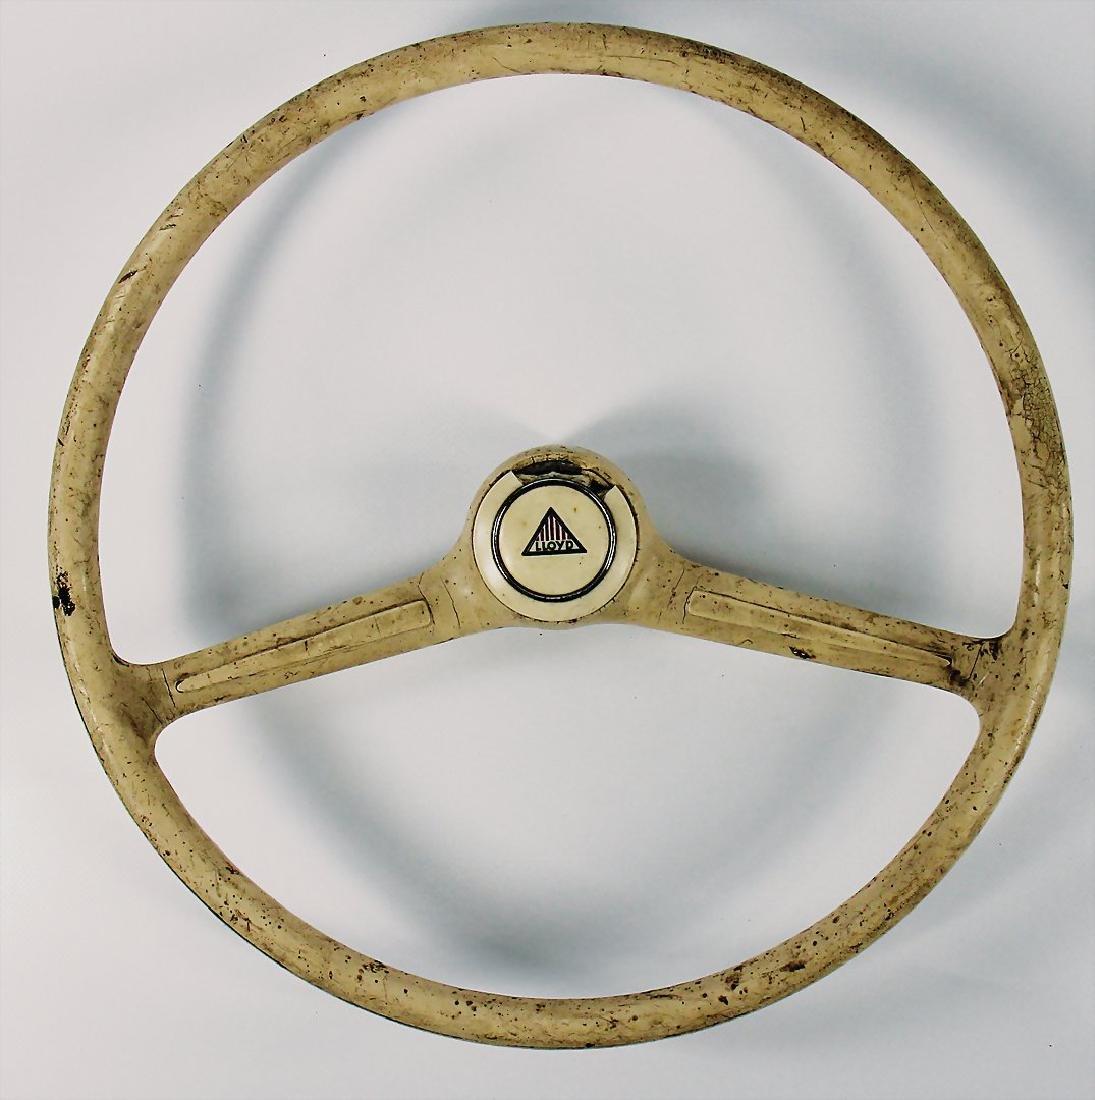 LLOYD white 2-steering wheel spokes for type Lloyd,